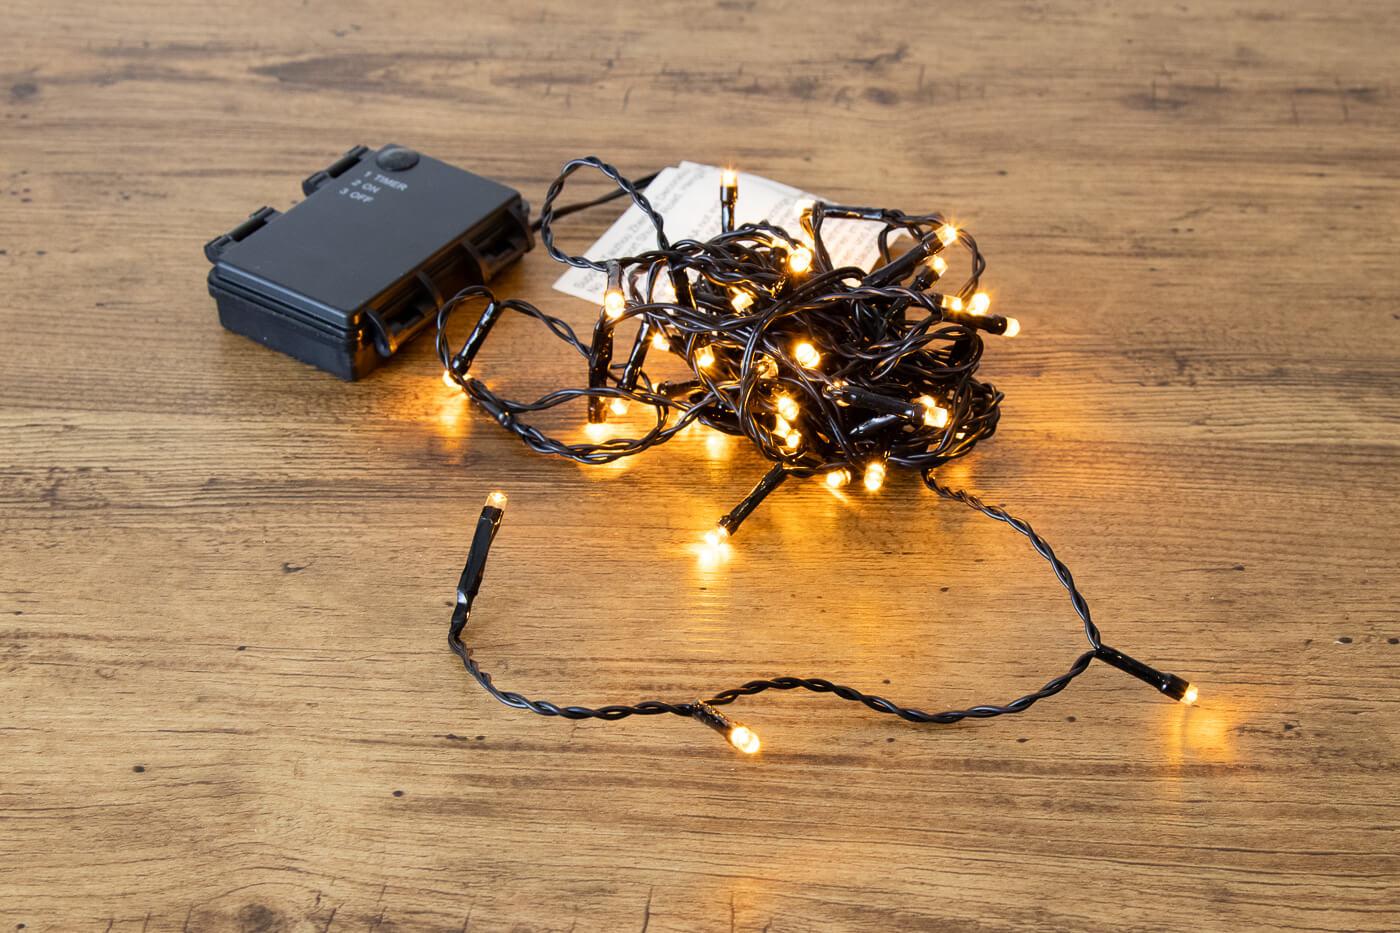 LED-Microlichterkette 48 LEDs bernstein für Aussen mit Batteriebetrieb